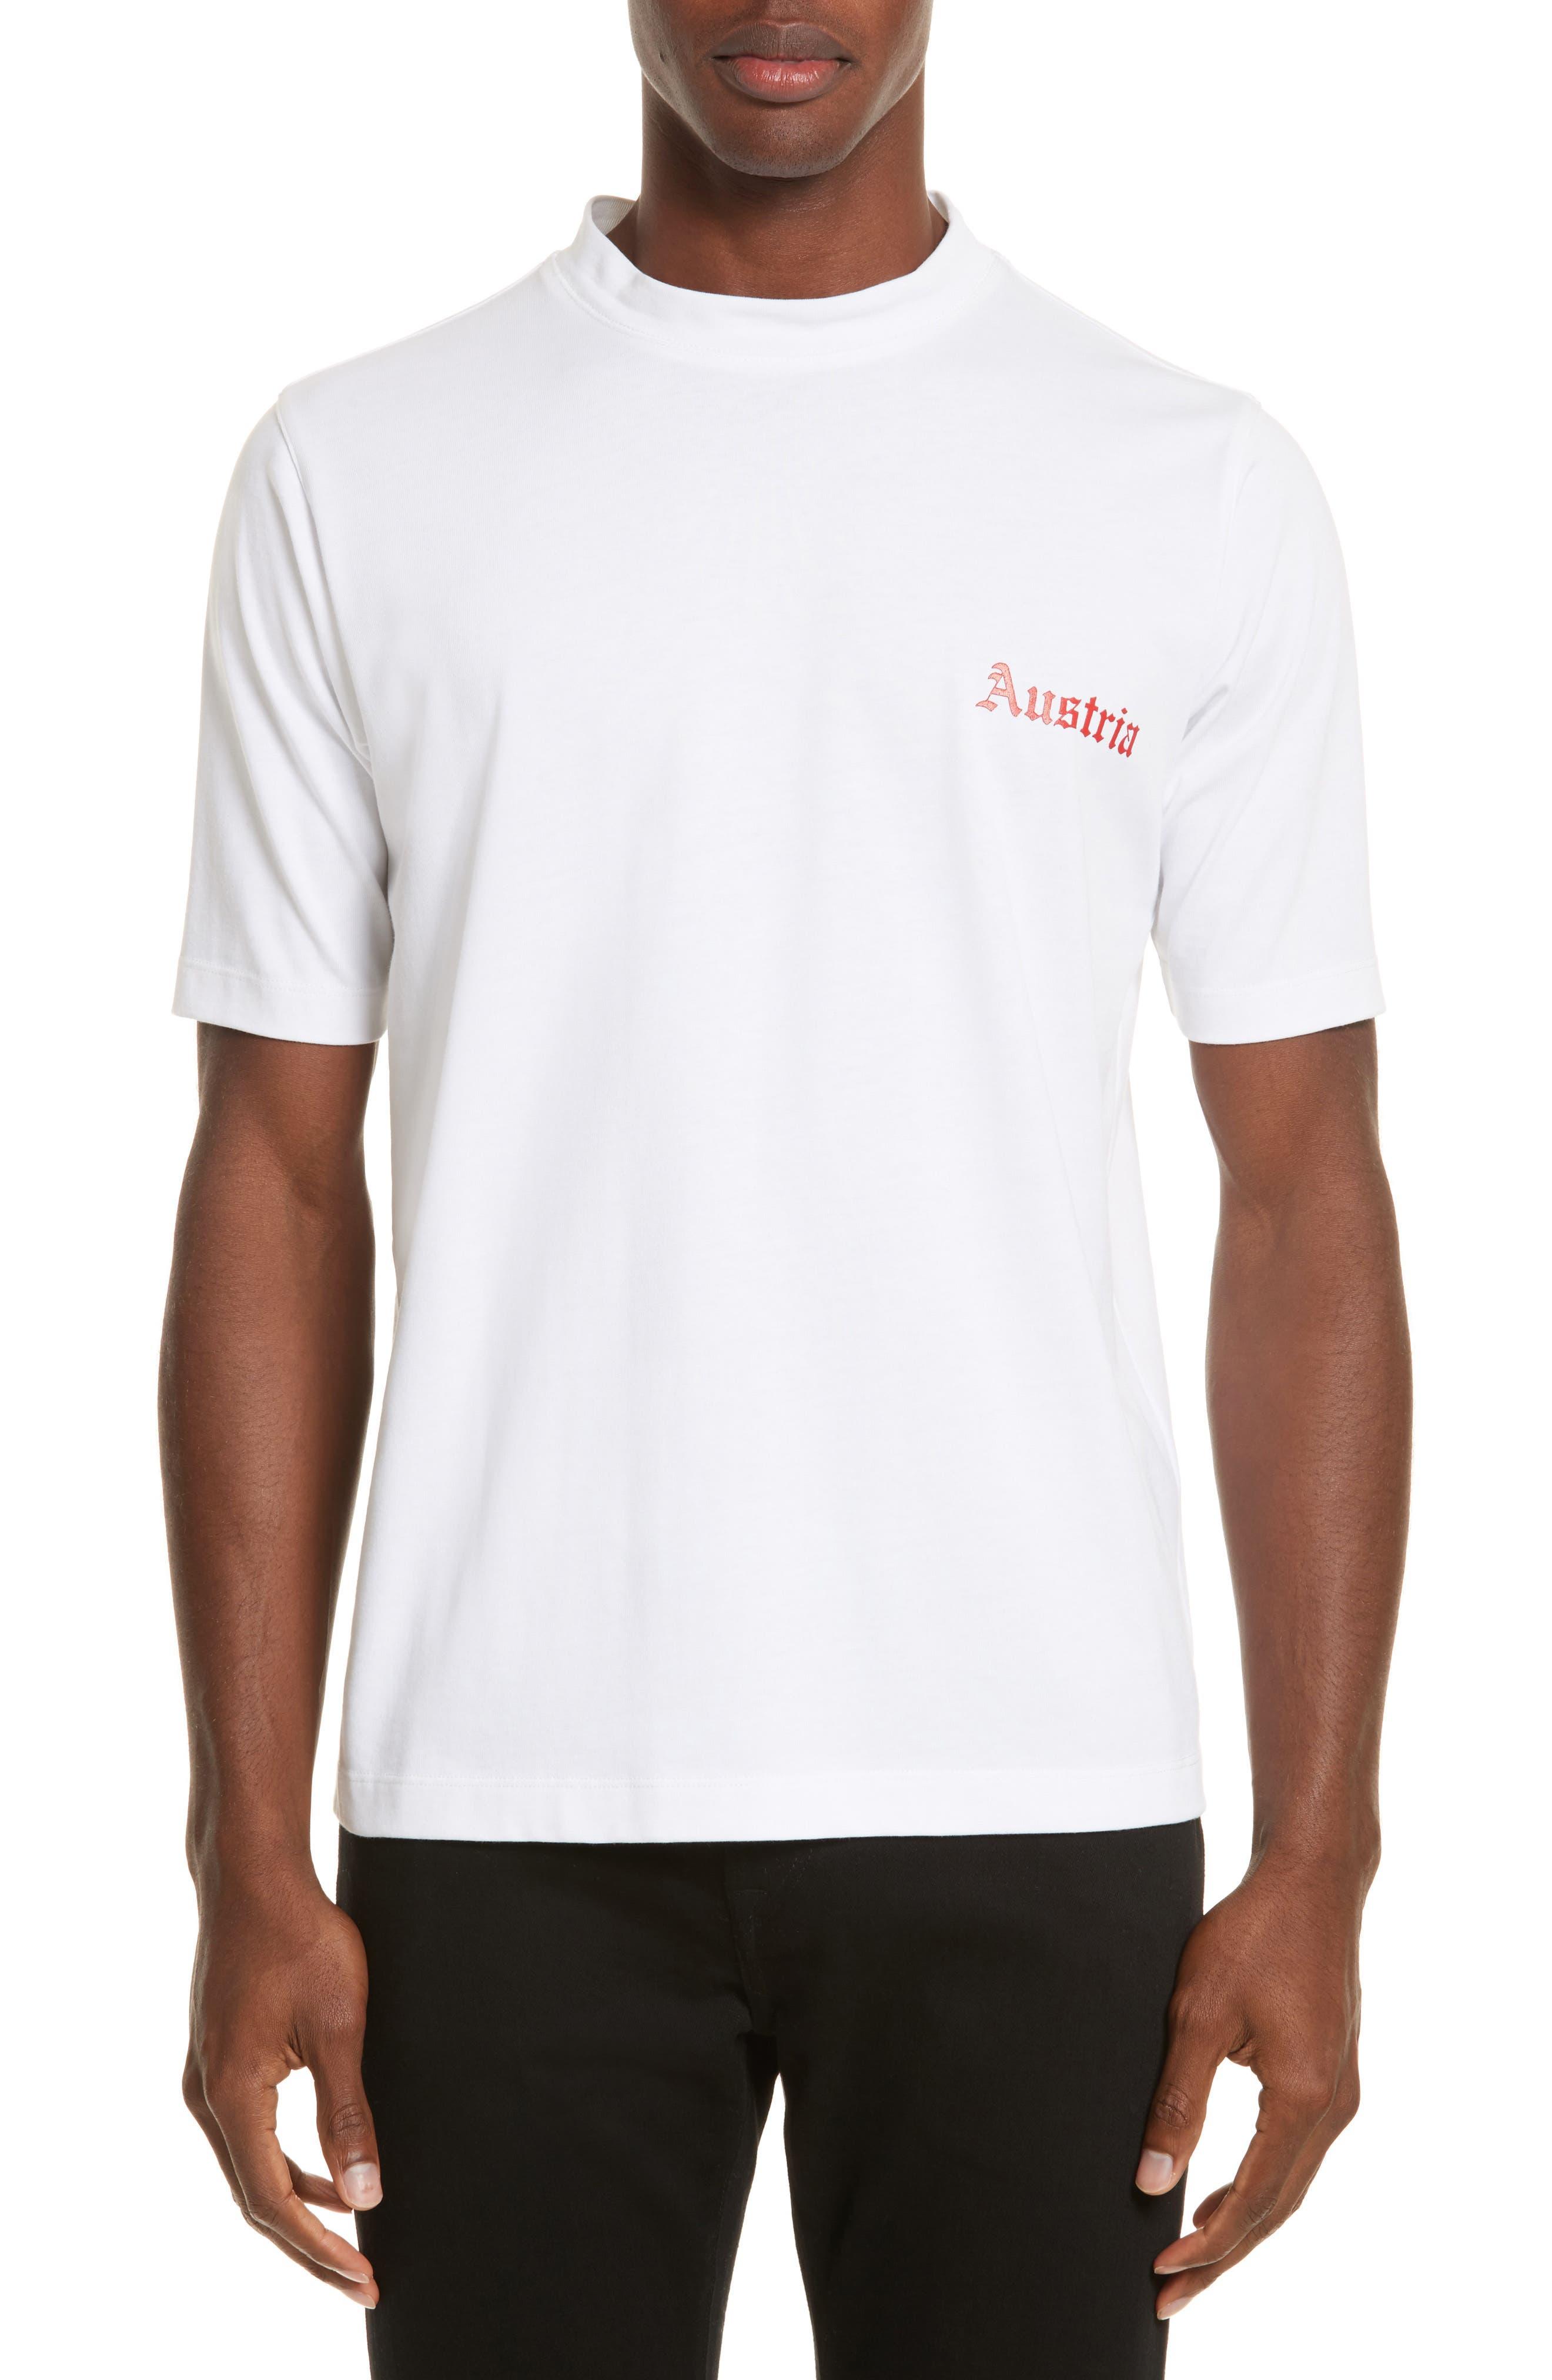 Austria Tall T-Shirt,                             Main thumbnail 1, color,                             100